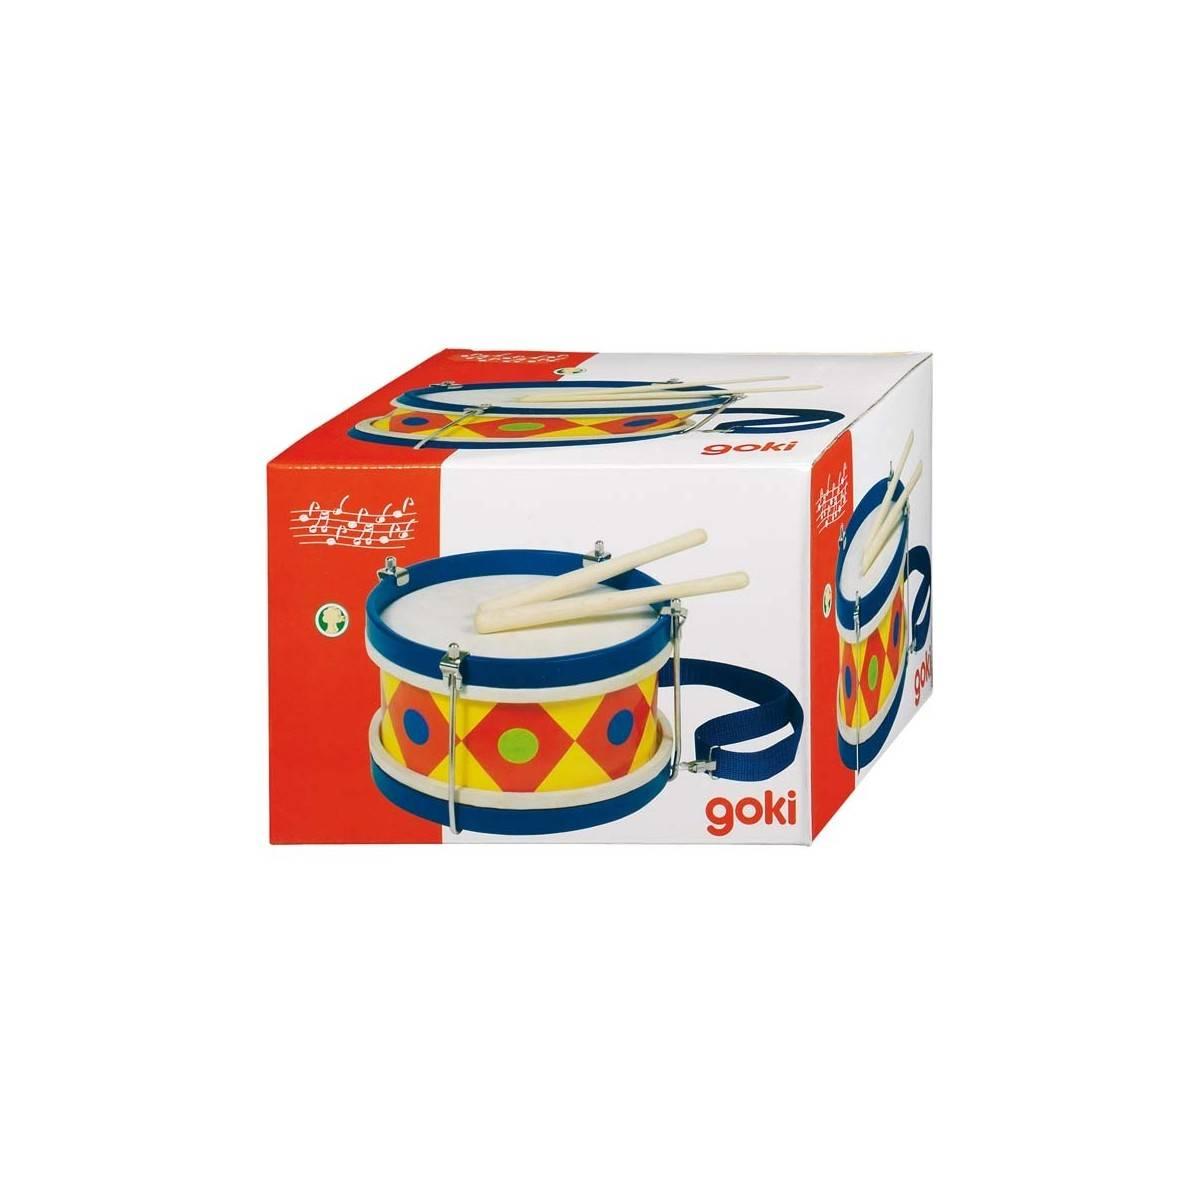 goki tambour de fanfare jouet color percussions enfants. Black Bedroom Furniture Sets. Home Design Ideas